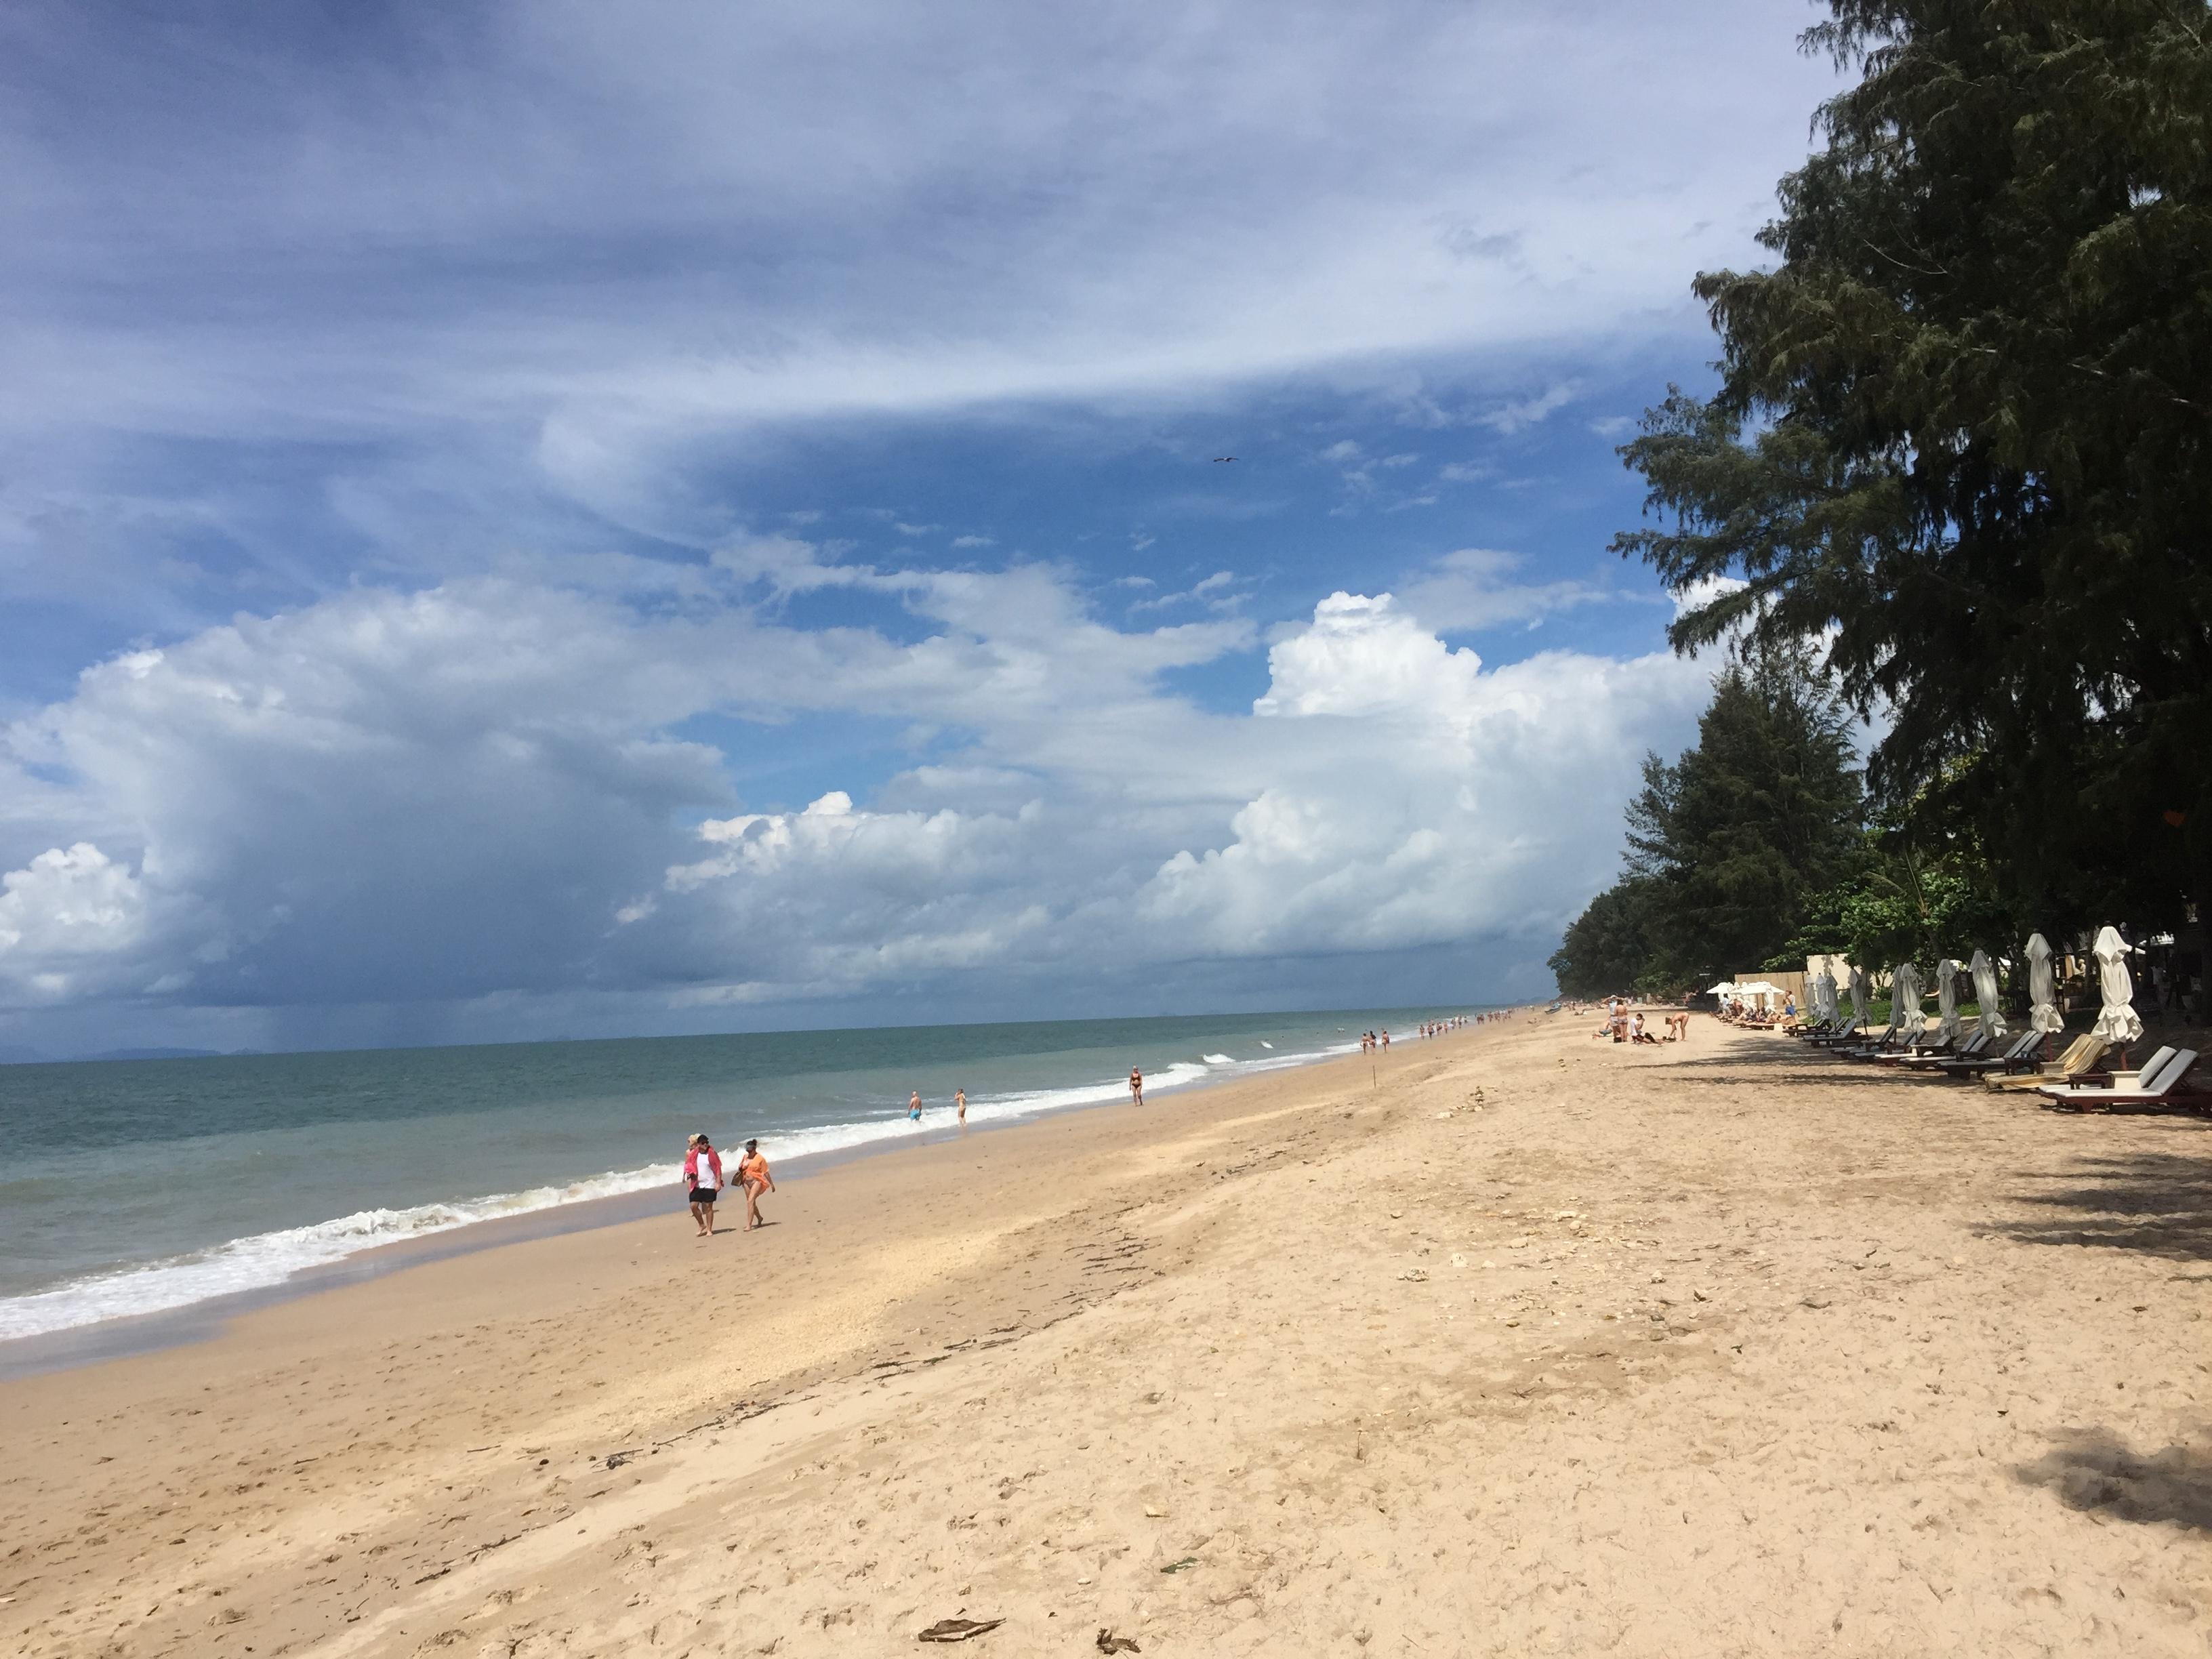 tajskie wyspy, Tajlandia - którą wyspę wybrać, wakacje w Tajlandii, wyspy Tajlandii, rajskie wyspy, Koh Lanta